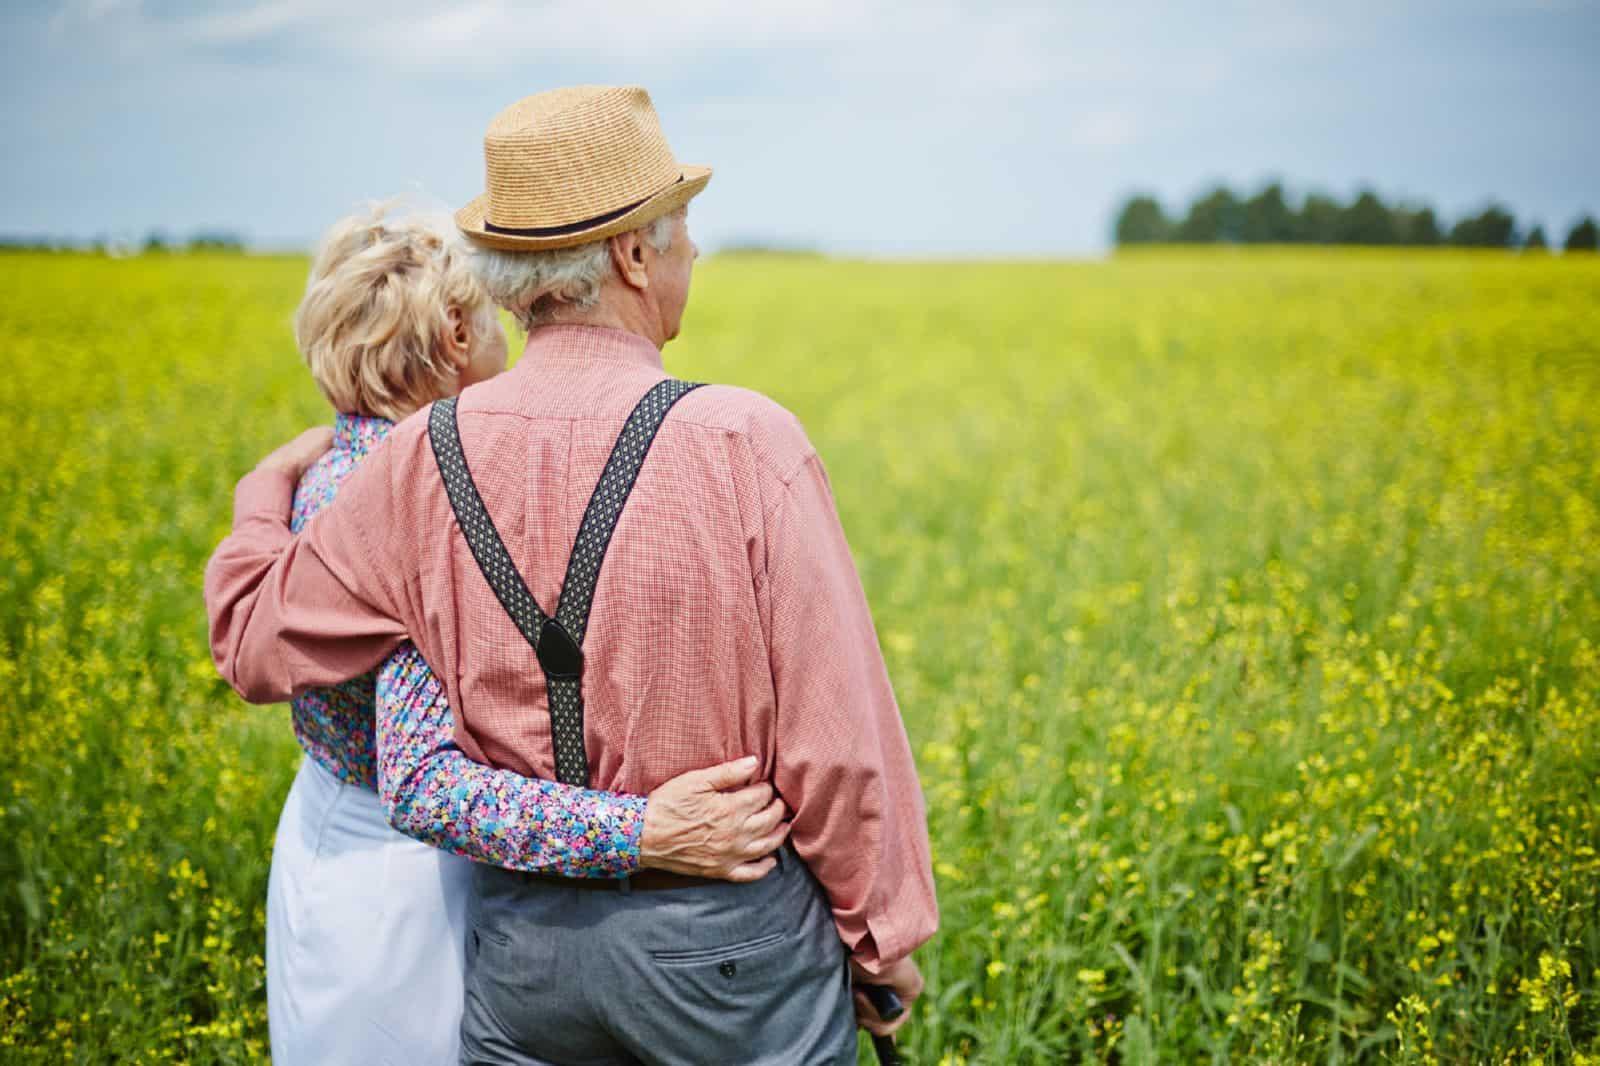 Форма уведомления о выборе земельного участка для имущественного вычета по земельному налогу: бланк и образец заполнения. Налоговые льготы пенсионерам